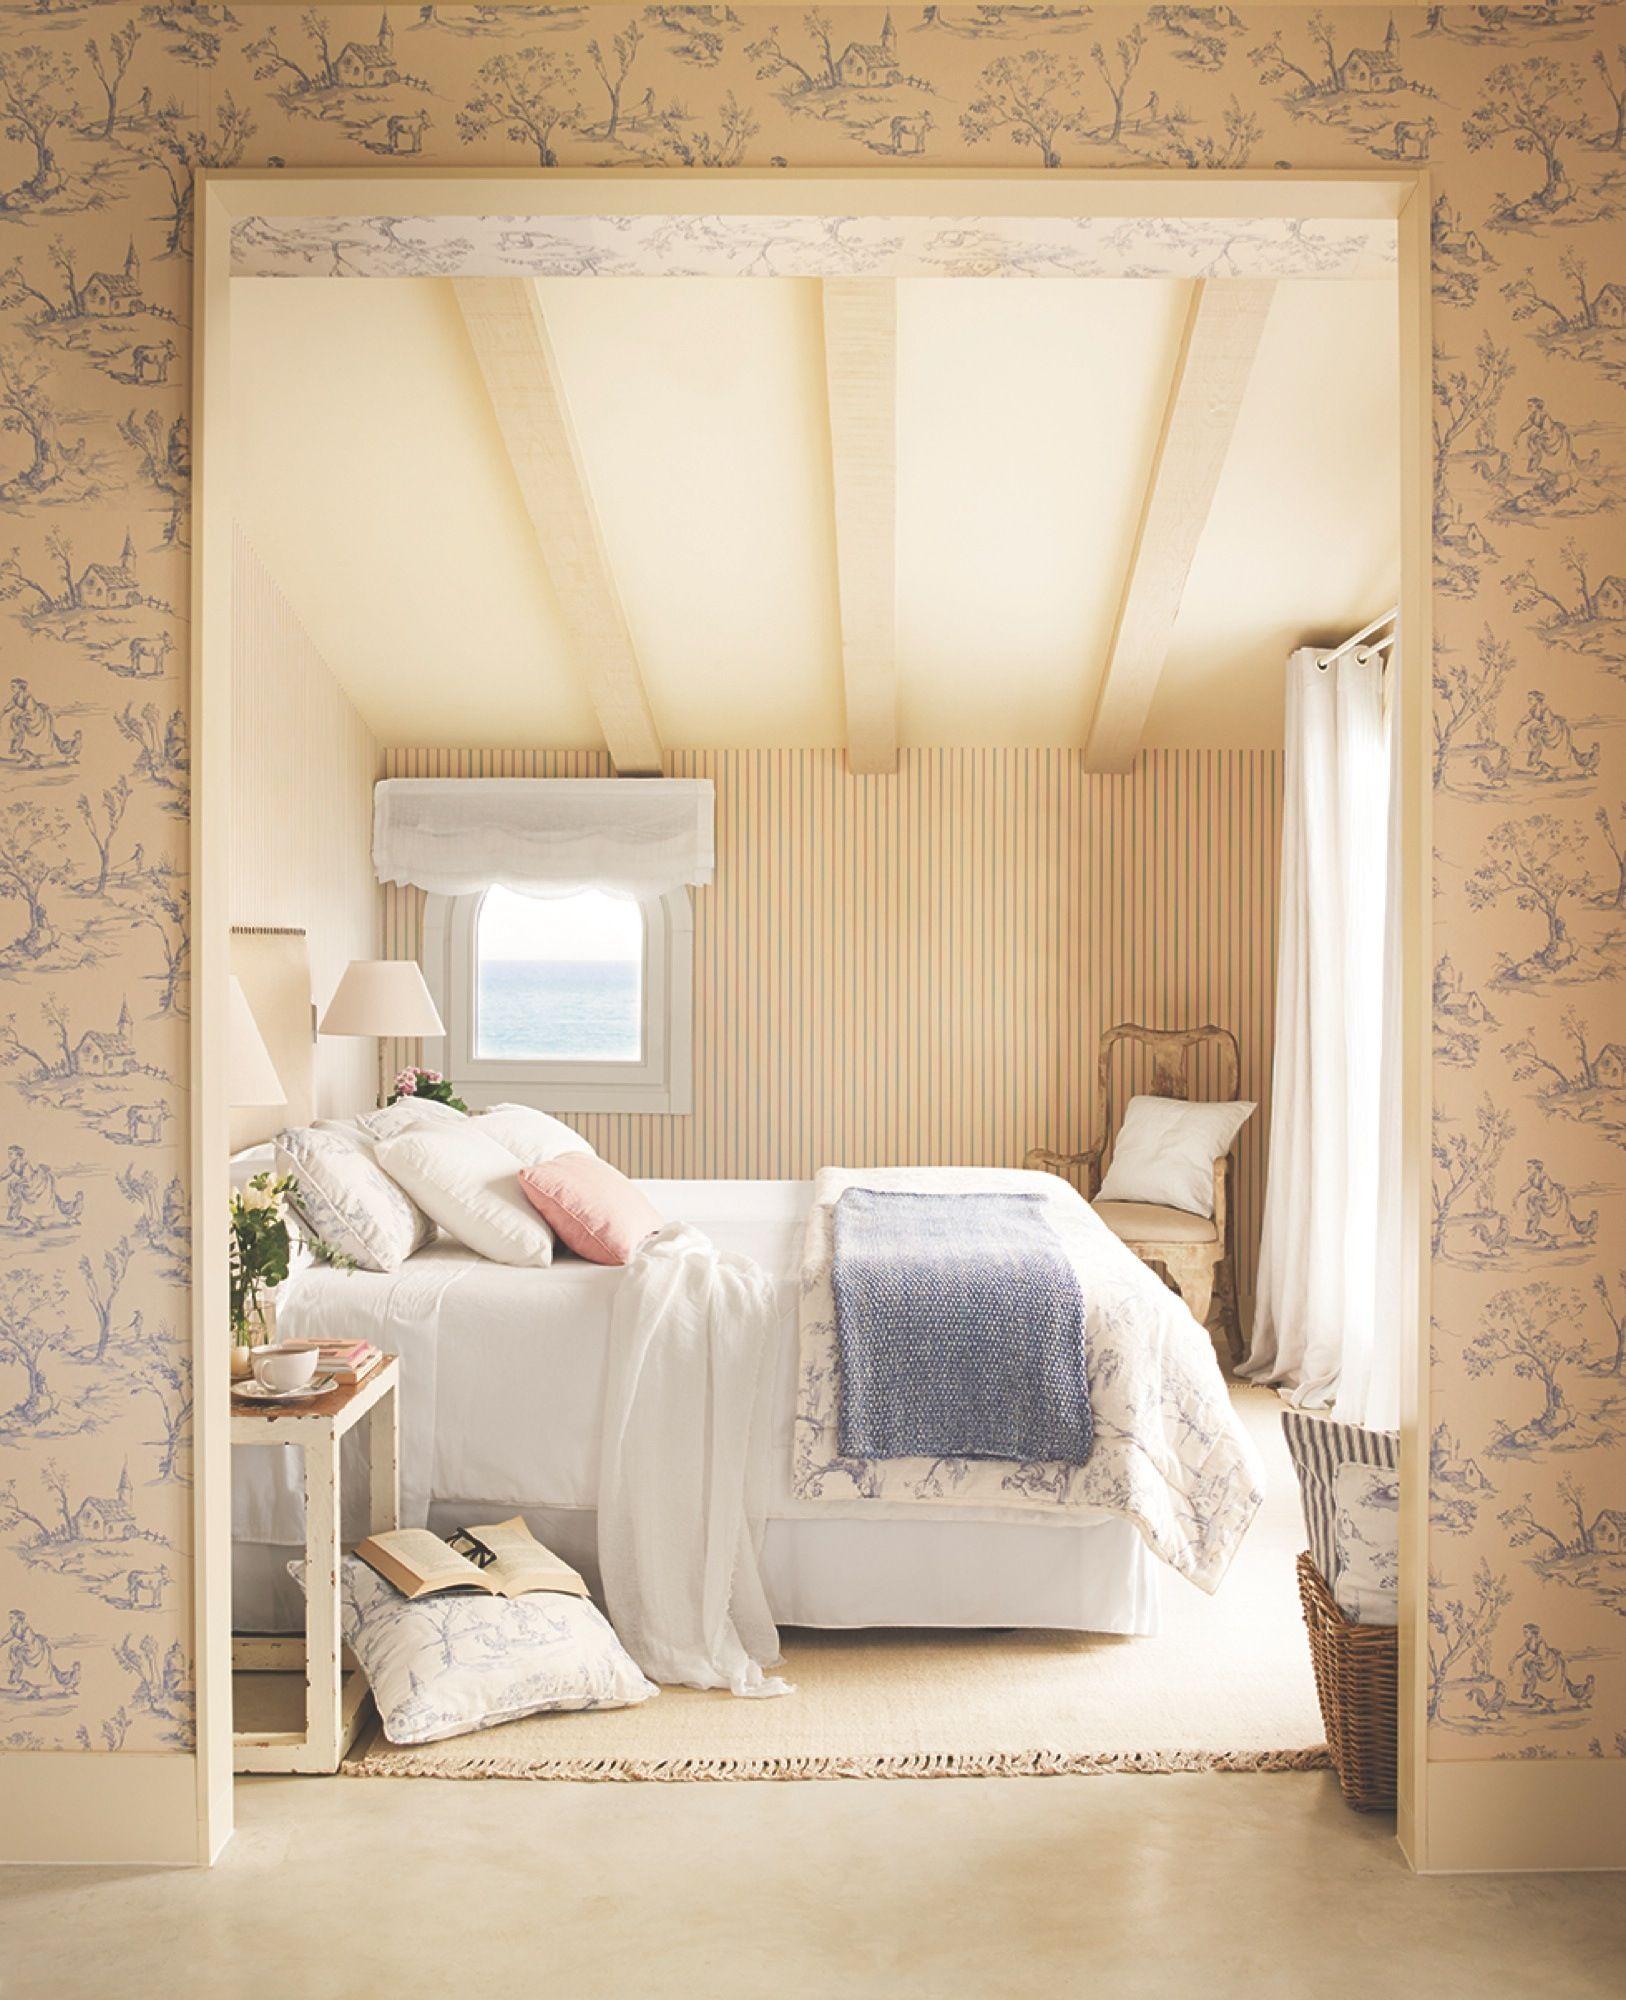 Chic una cama con dosel dormitorios dormitorios - Papeles pintados dormitorios ...